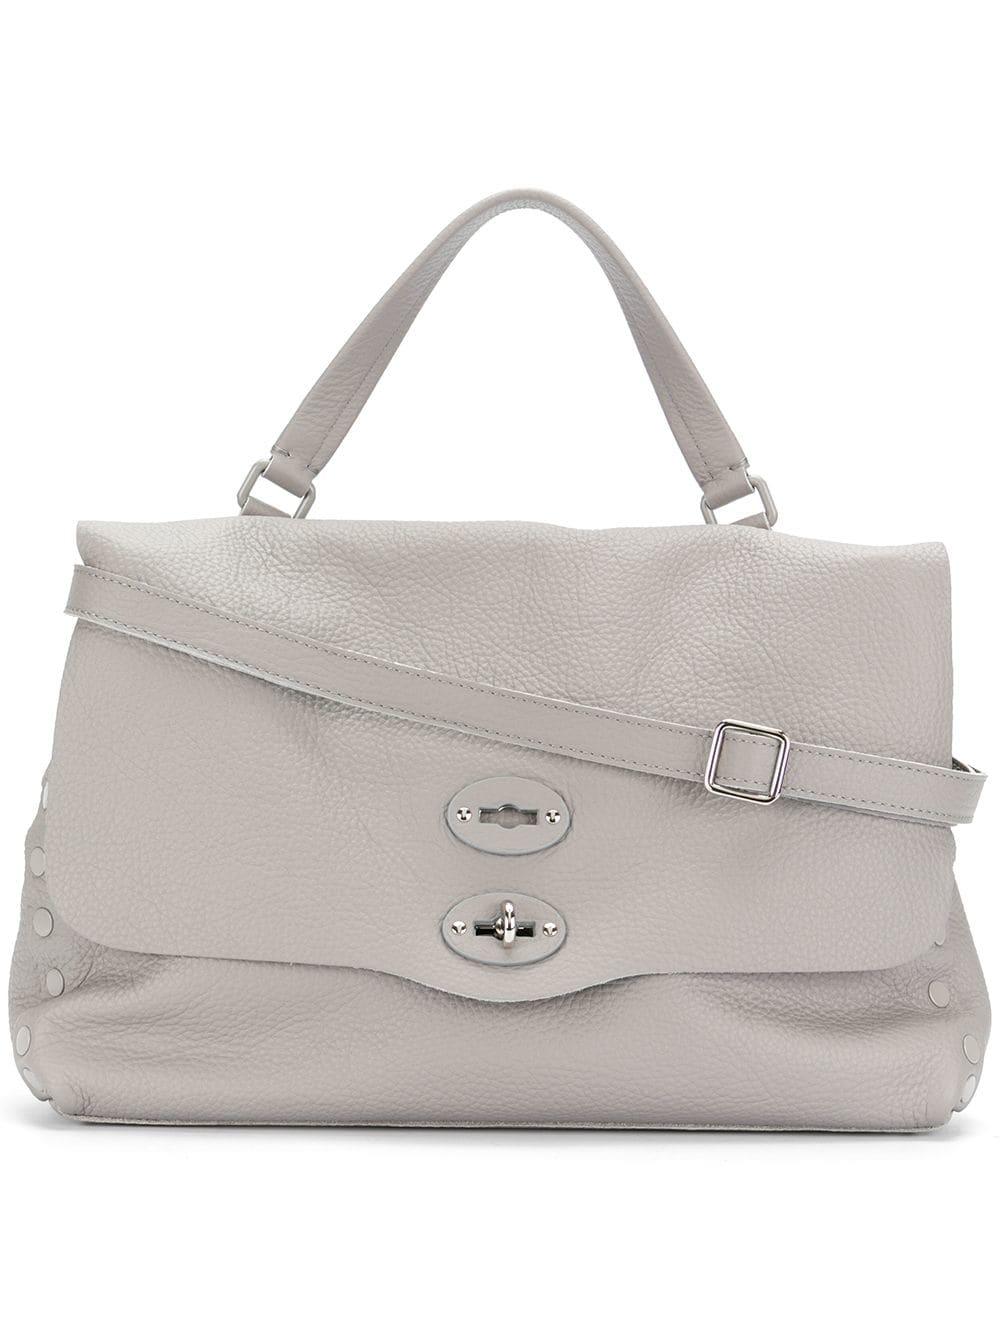 Zanellato Mittelgroße 'Postina' Handtasche - Grau